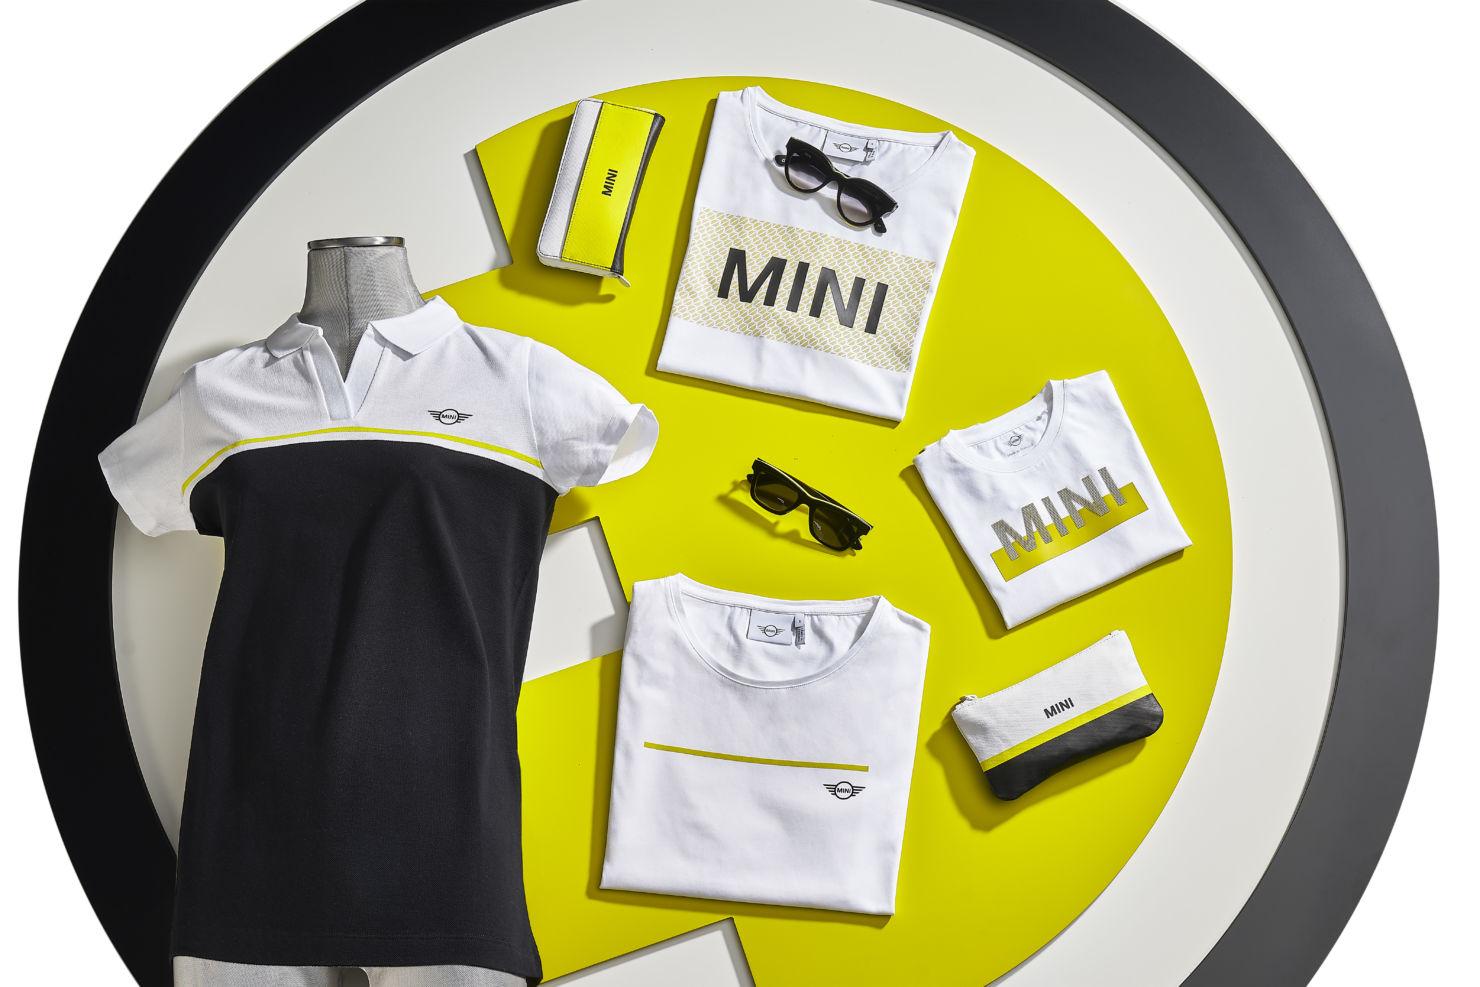 MINI Lifestyle 2020: la colección sustentable llega a México - p90390287-highres